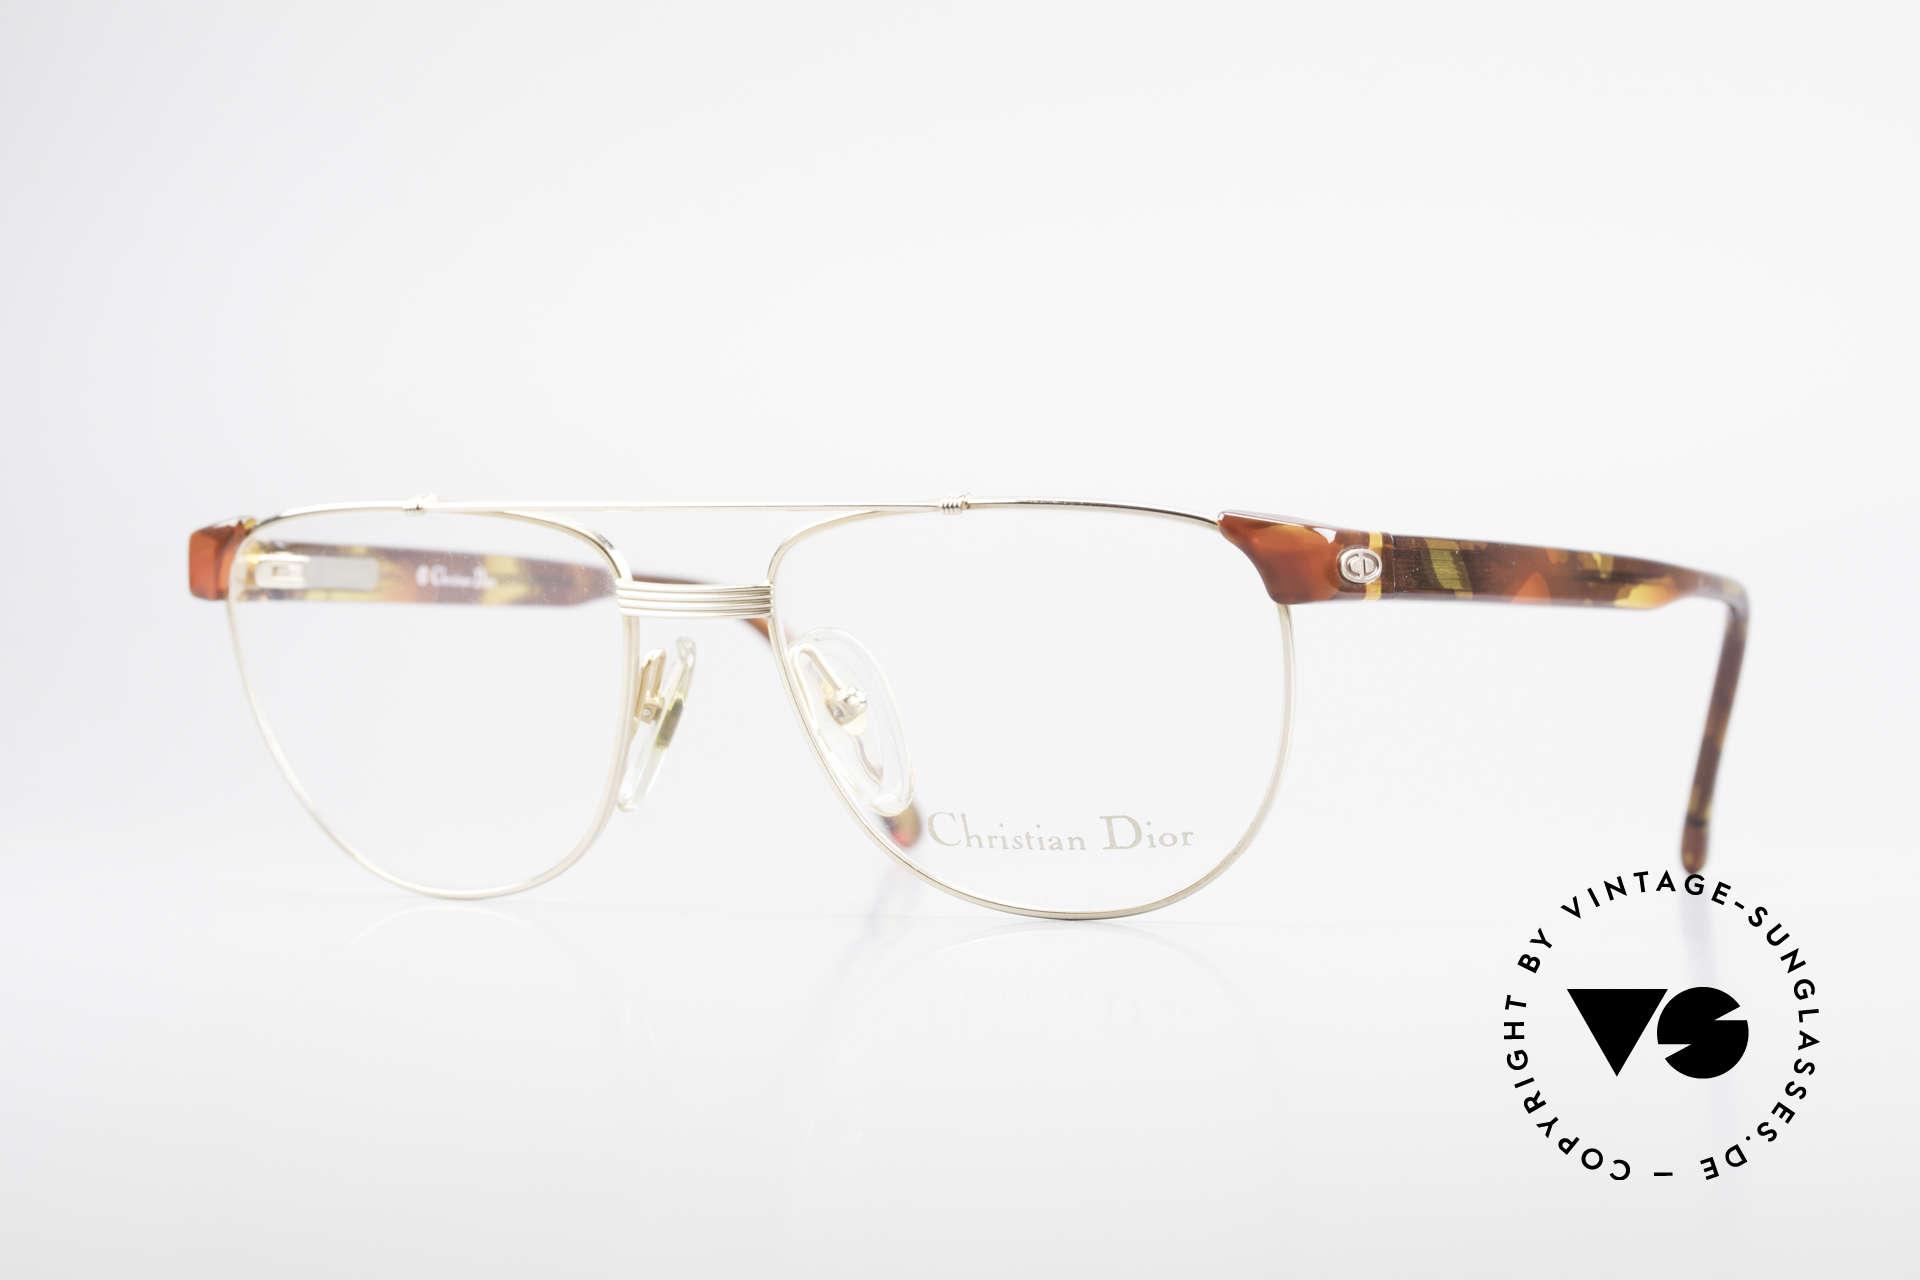 """Christian Dior 2722 90er Designer Brille Unisex, klassische """"Kombi-Brille' von Dior aus den 90ern, Passend für Herren und Damen"""